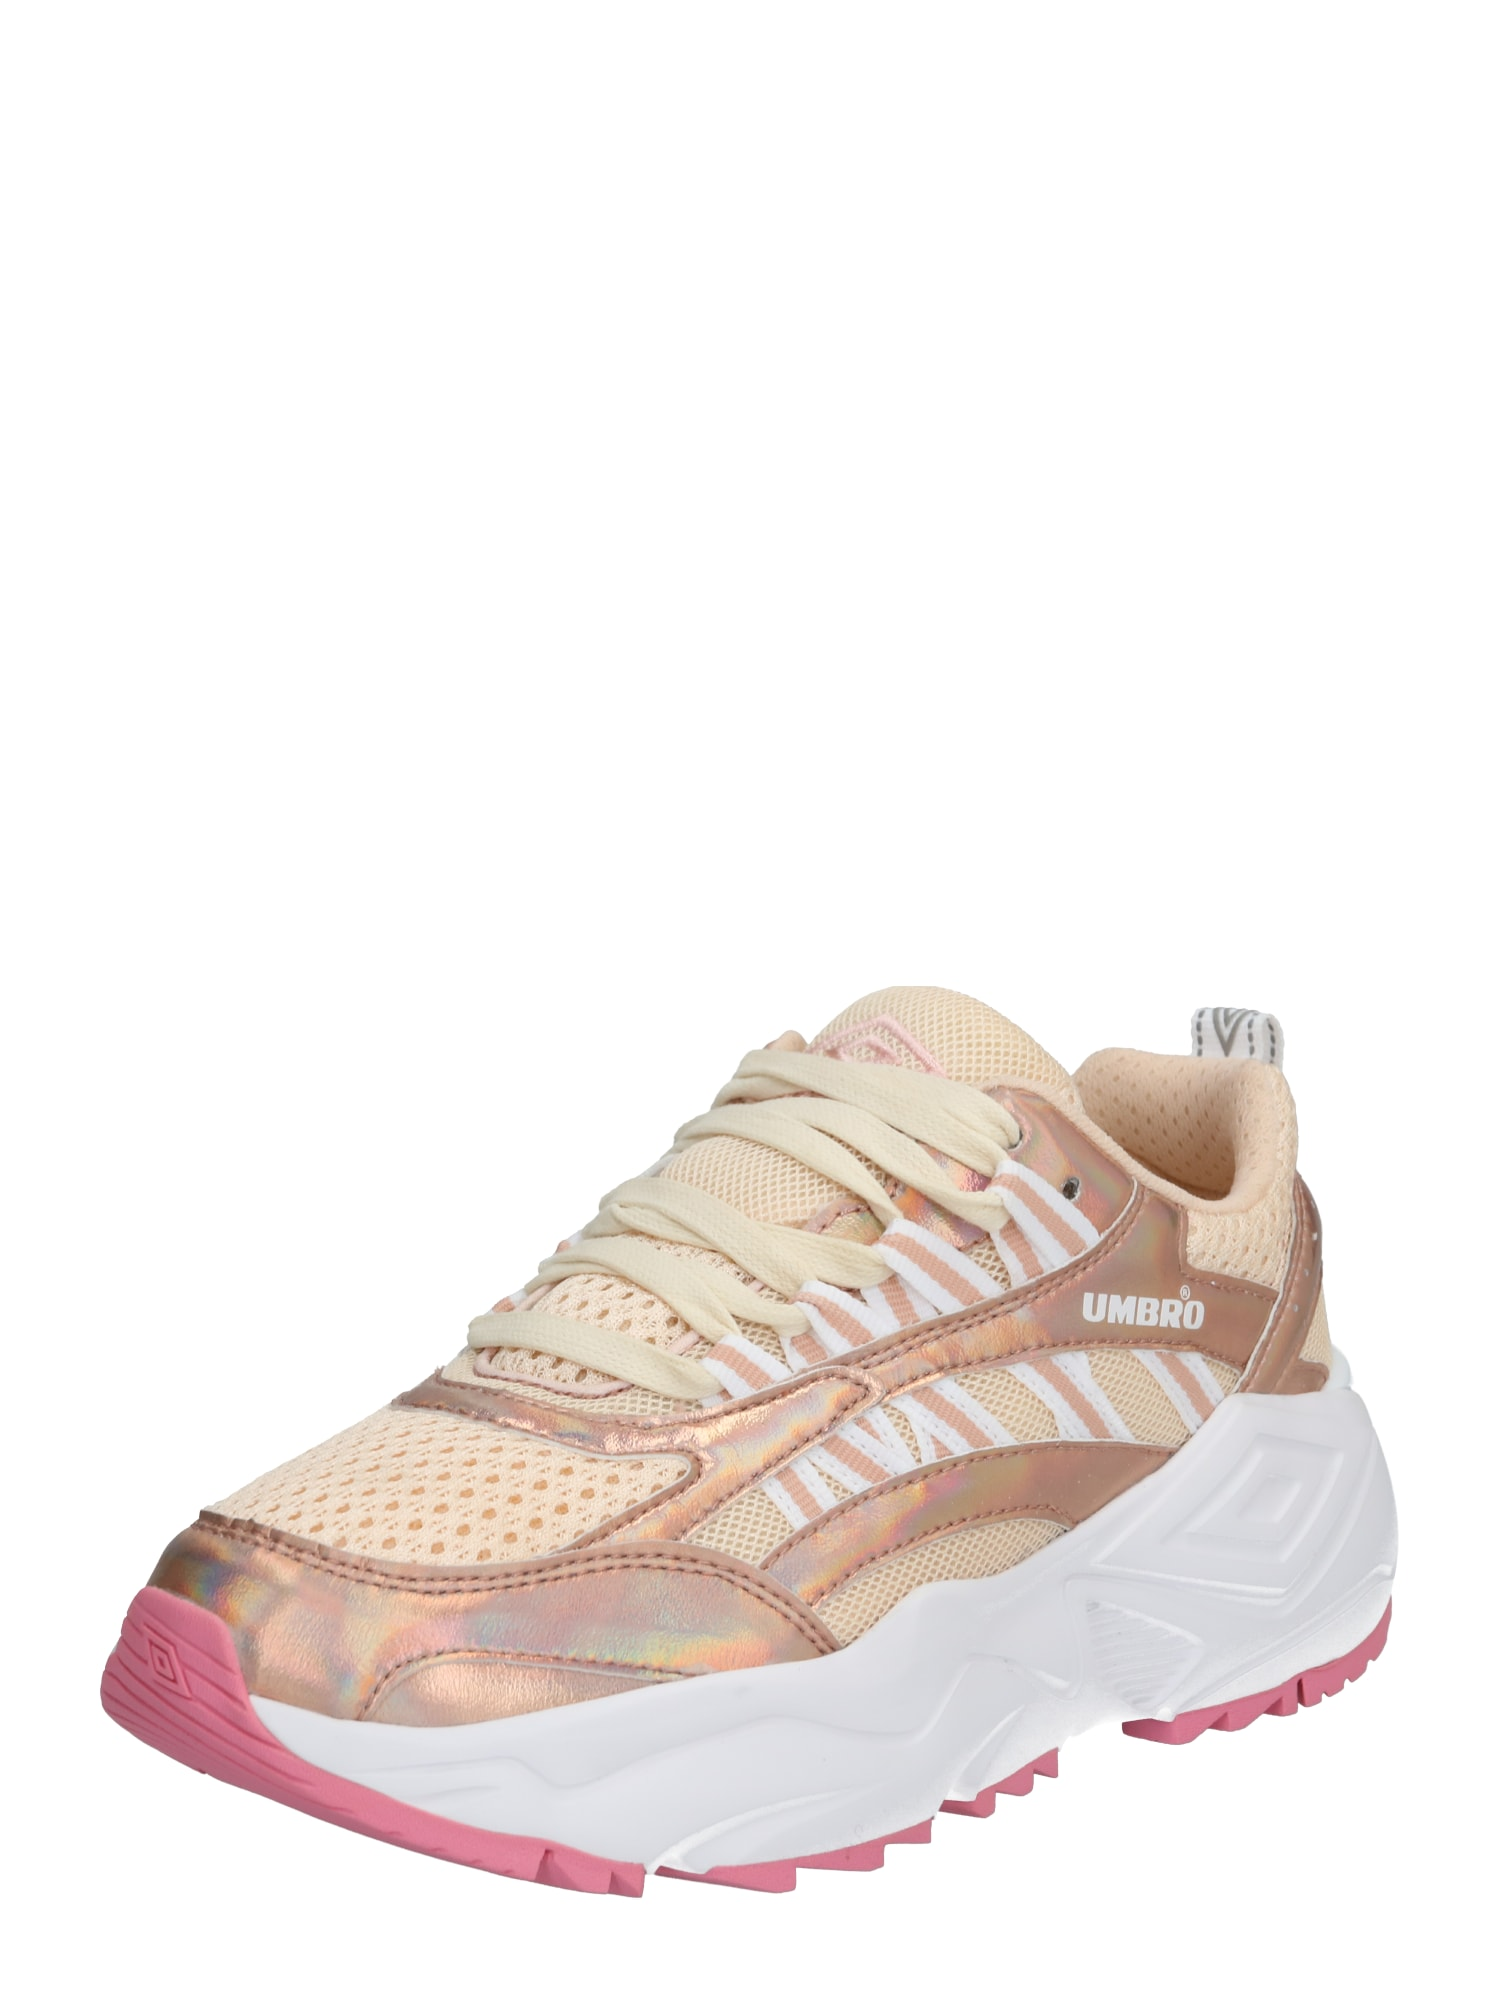 UMBRO Sneaker low  albastru / roz / roz